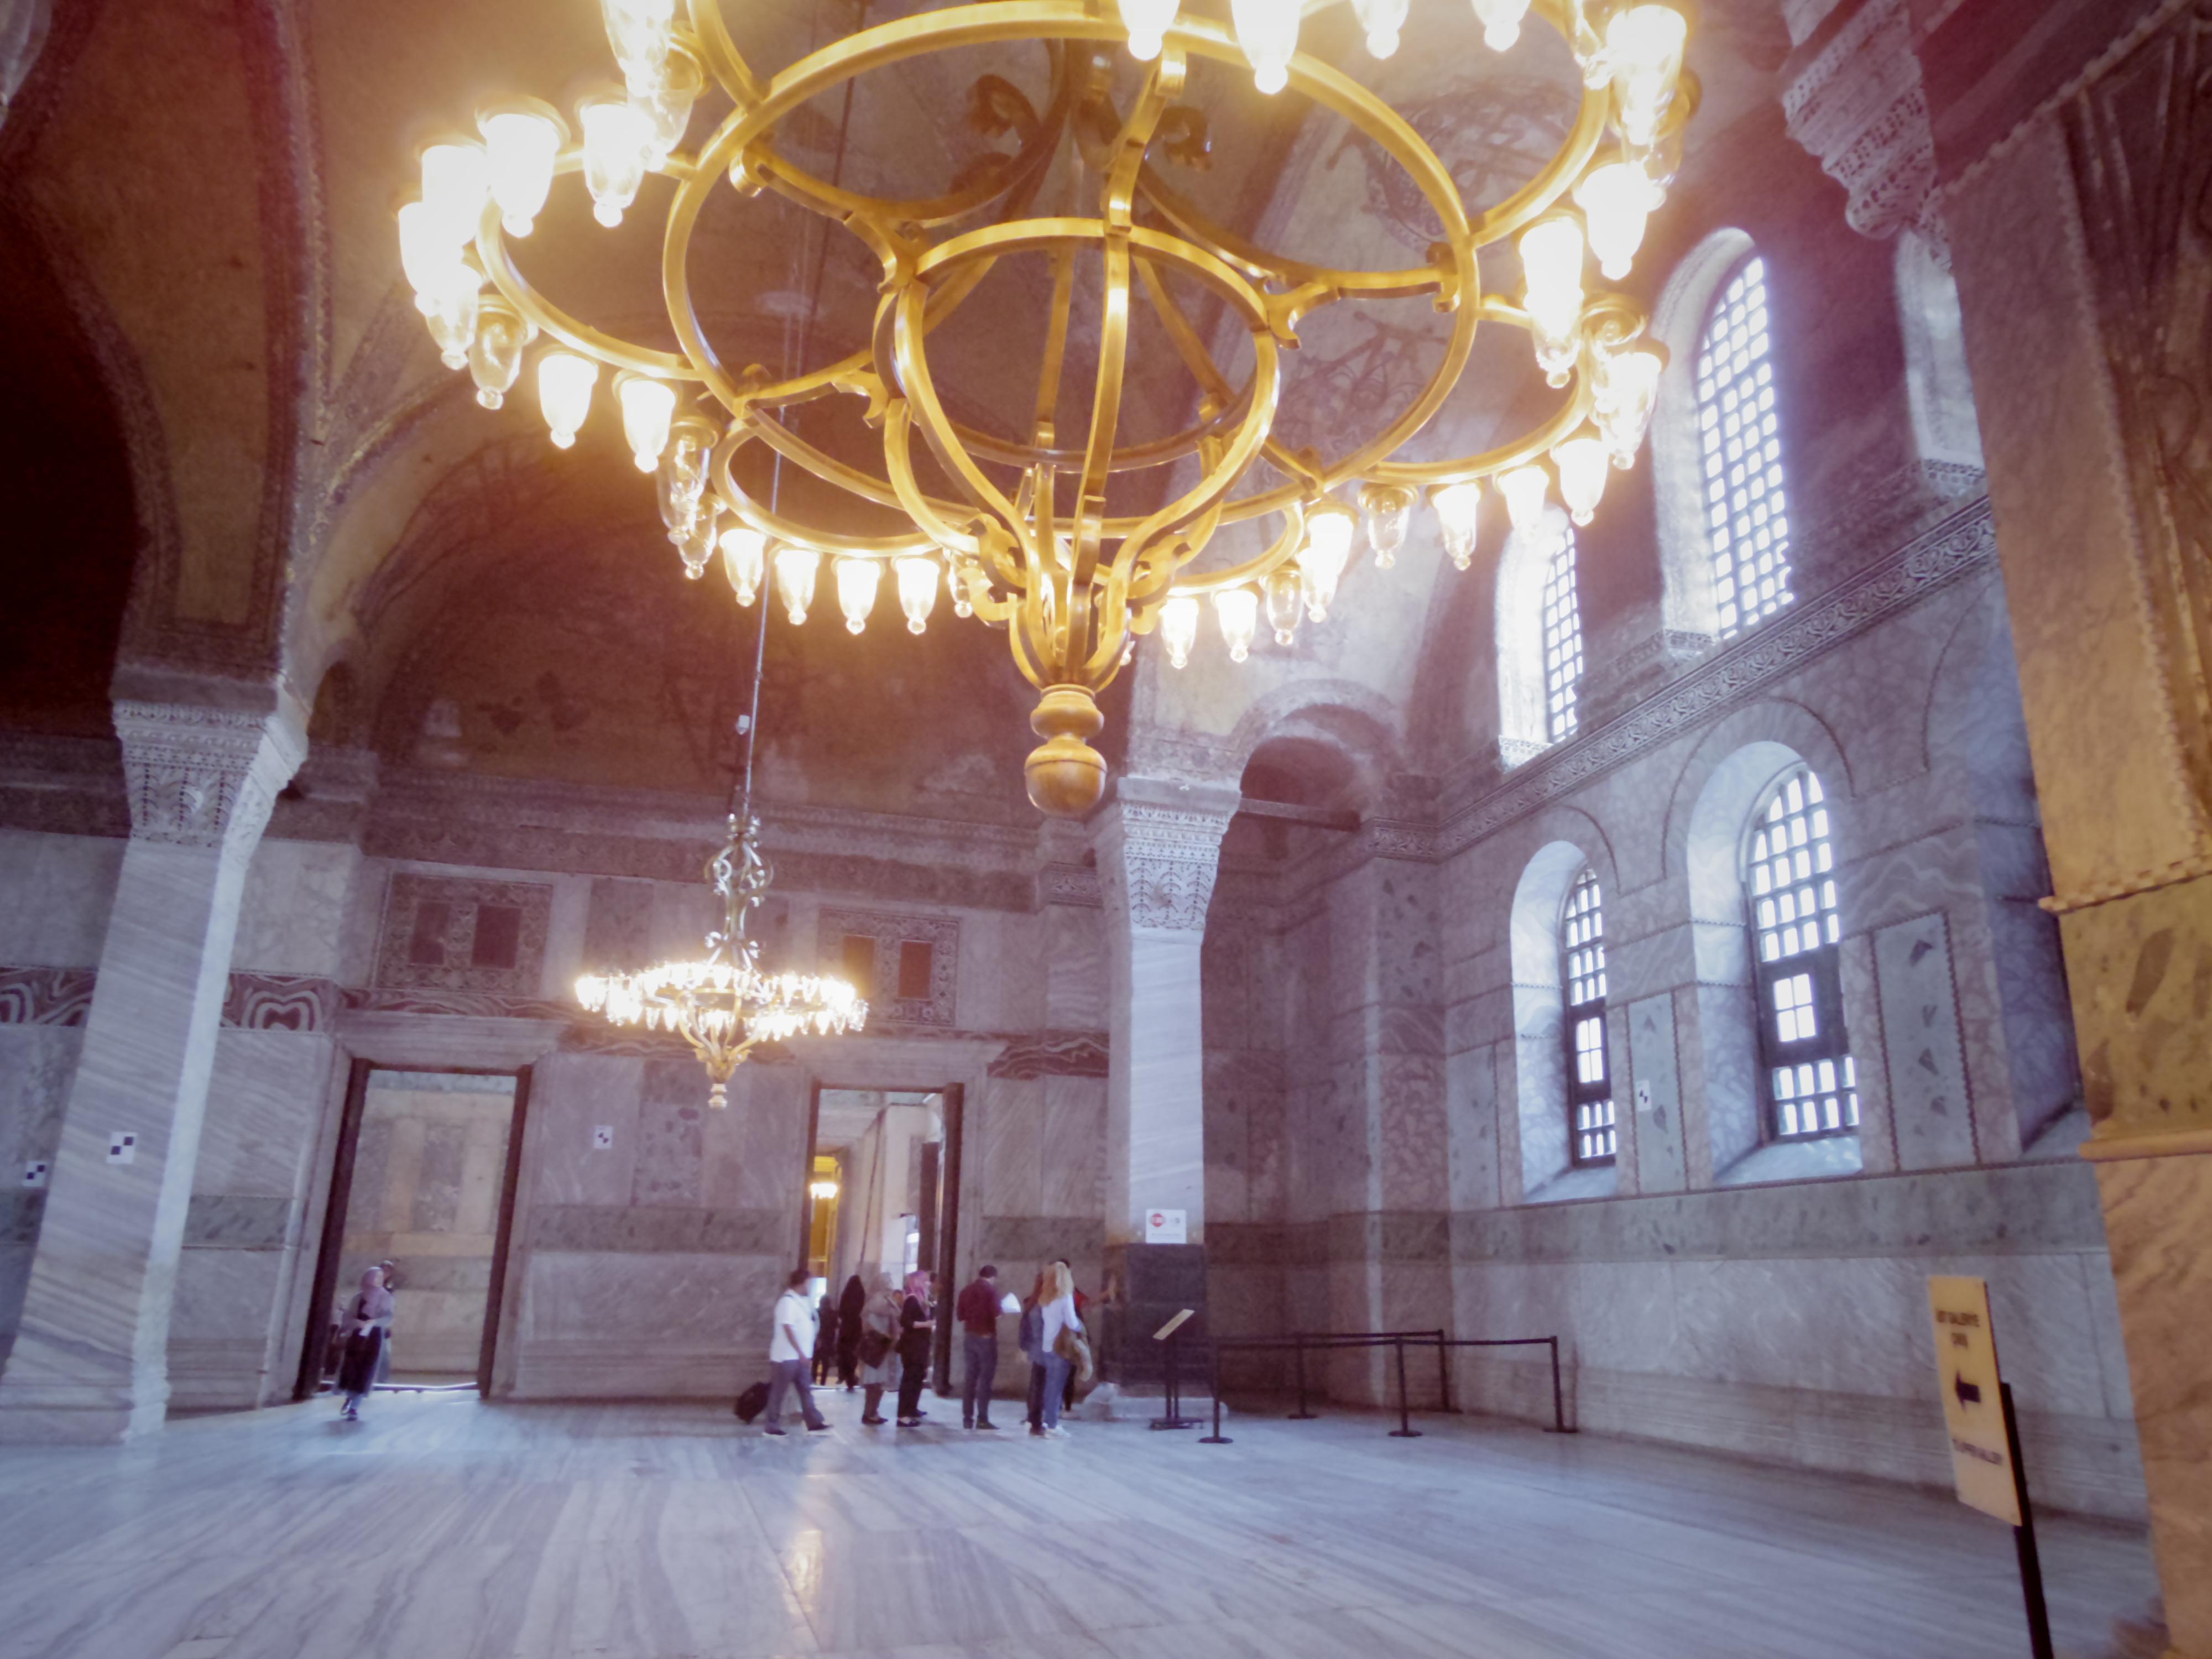 ブルーモスクとアヤソフィア。キリスト教とイスラム教が混在する不思議な場所。